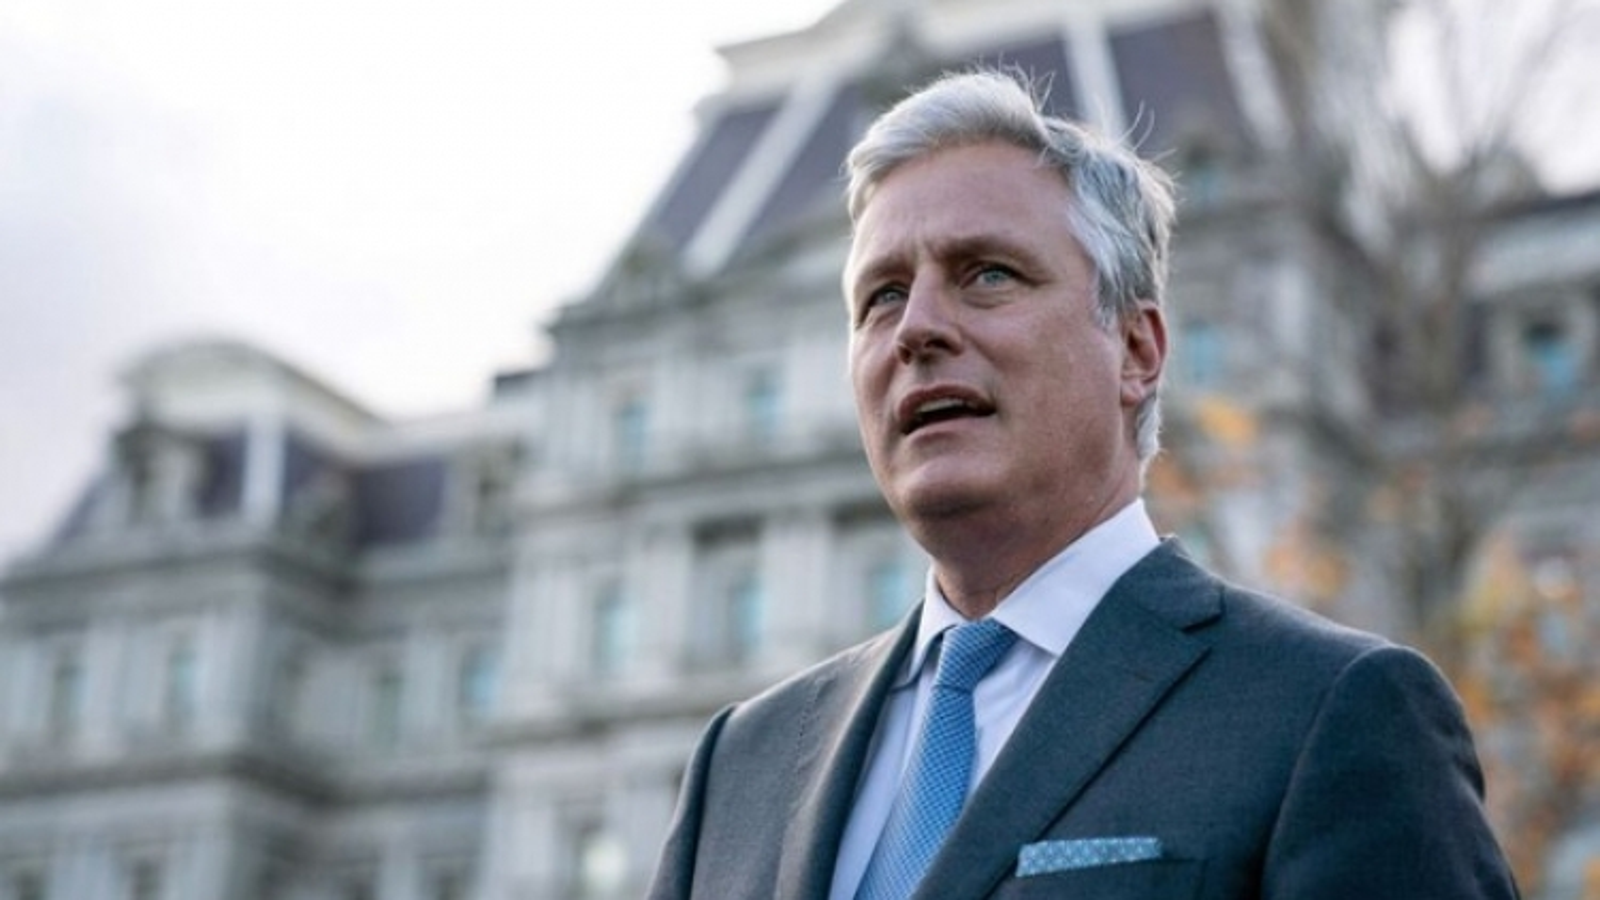 US Security Adviser O'Brien to visit Vietnam this week